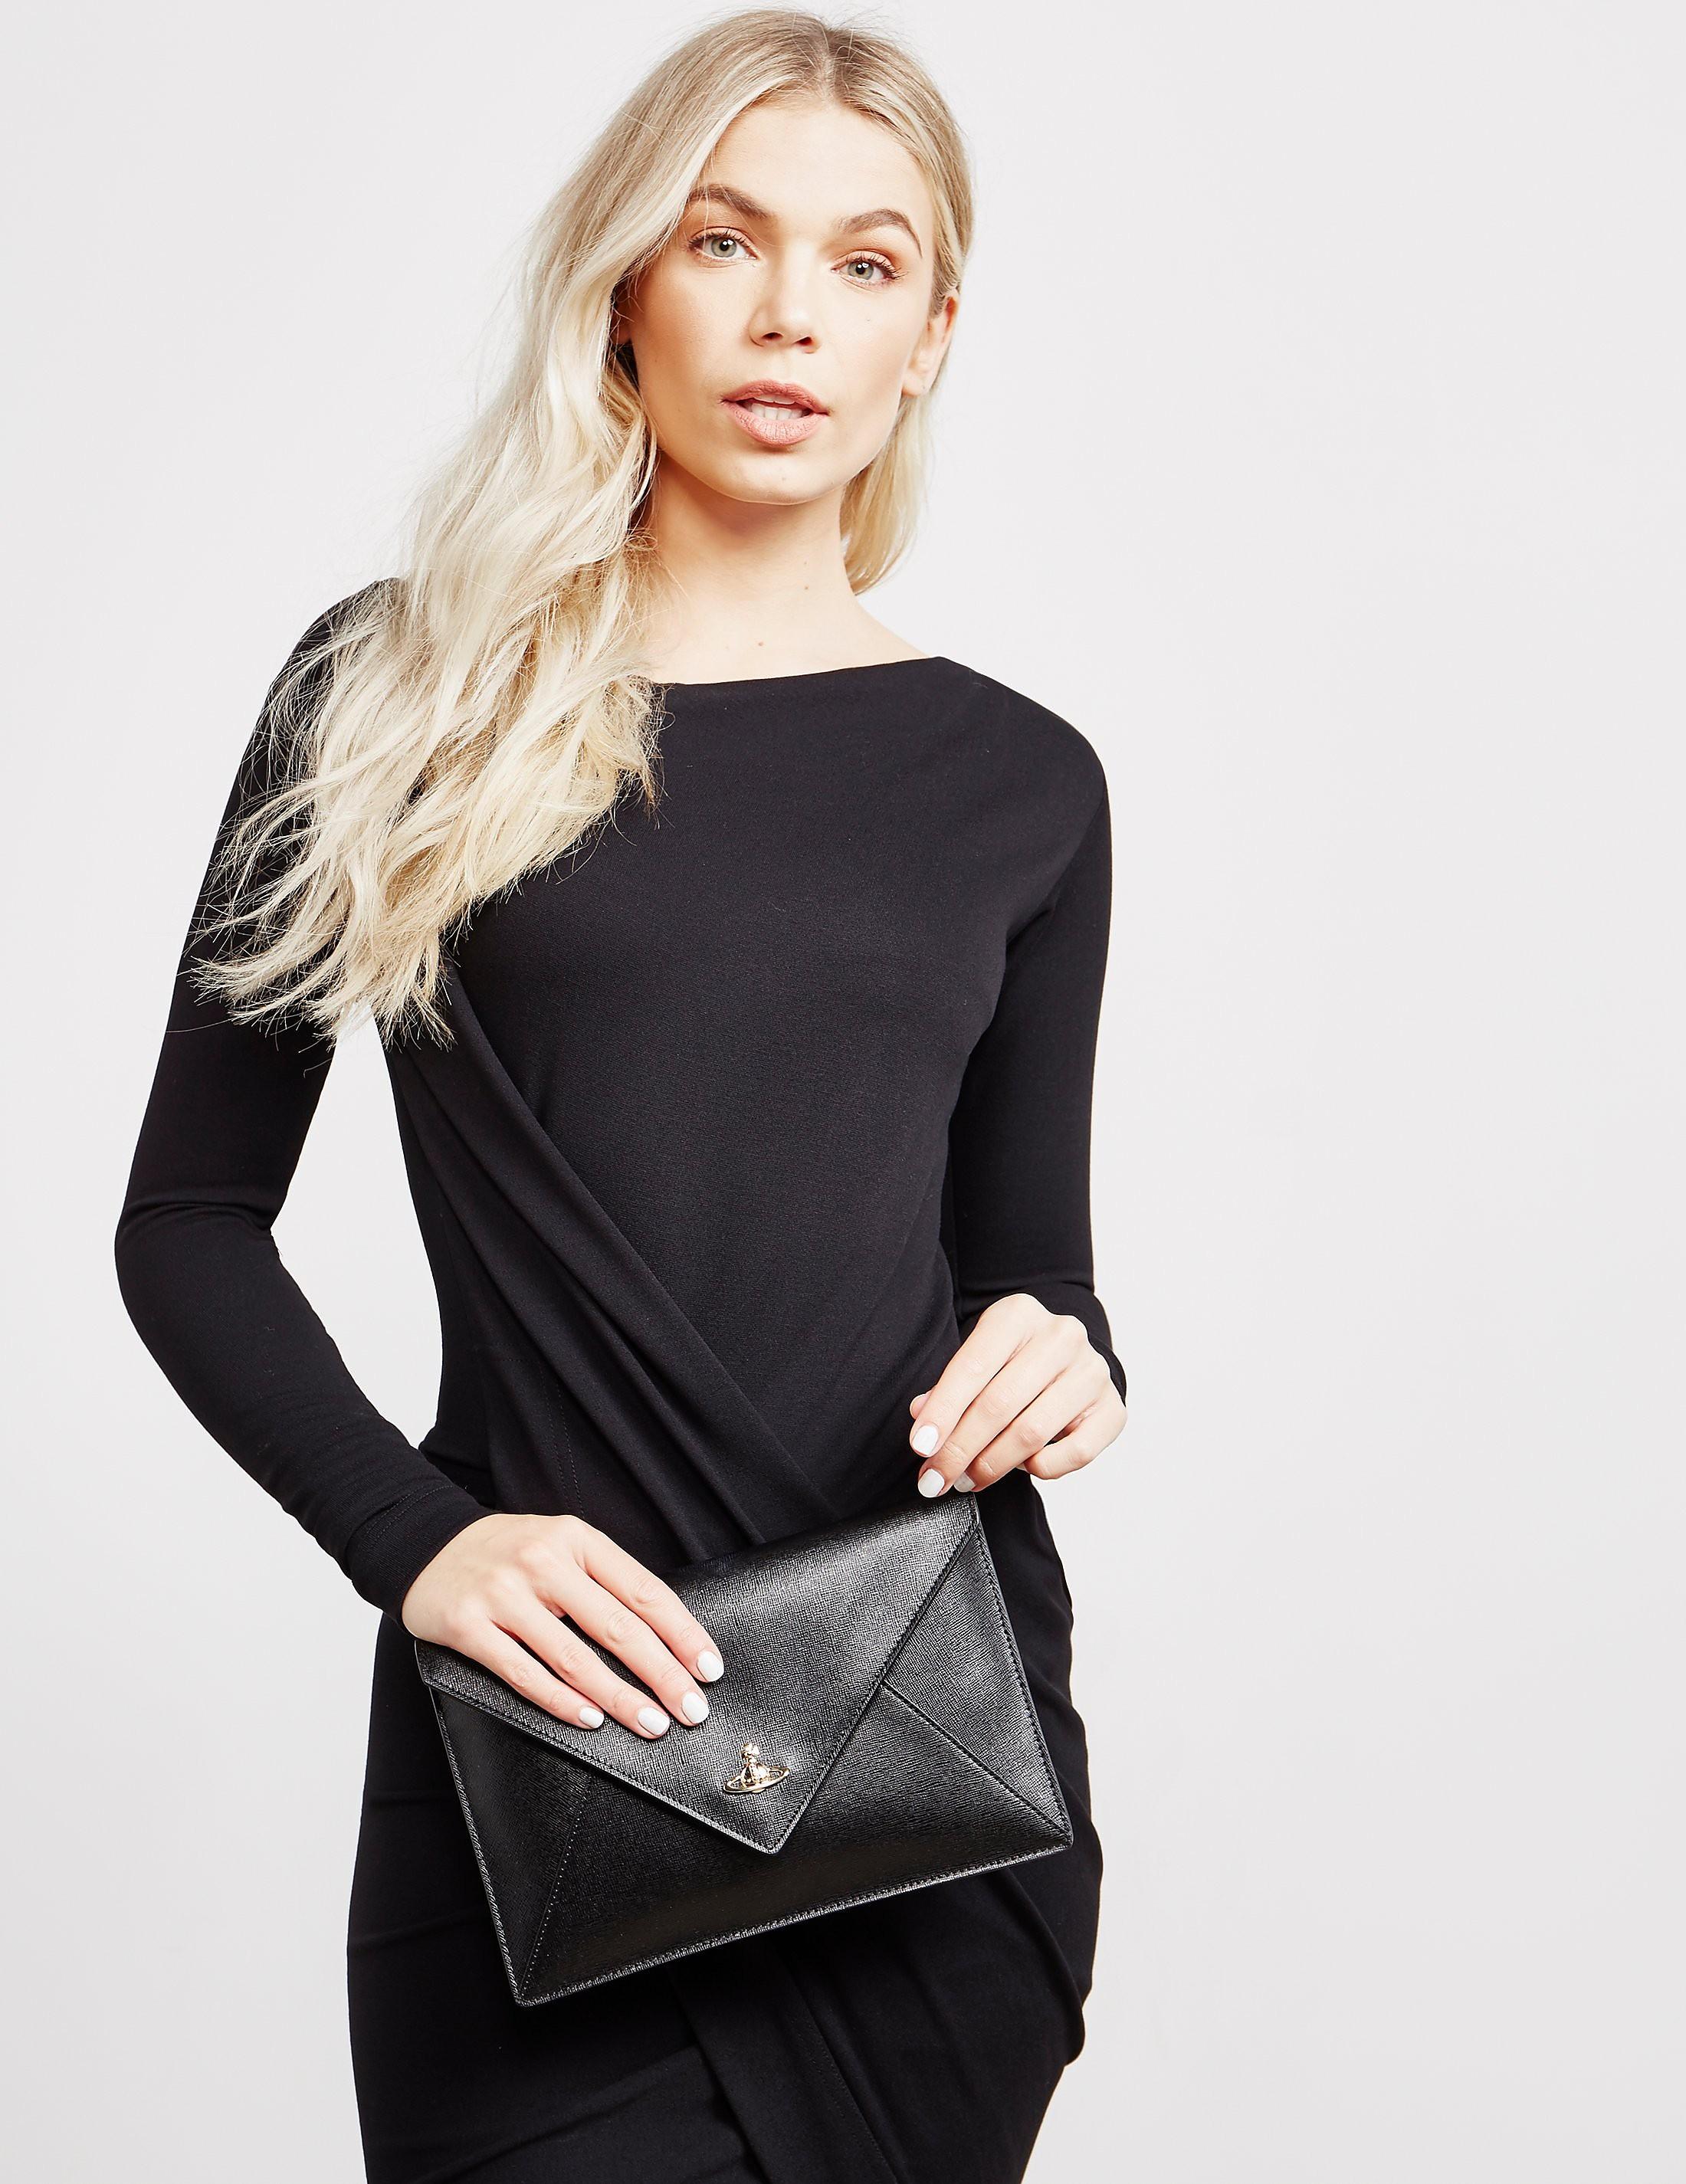 Vivienne Westwood Saffiano Pouch Bag